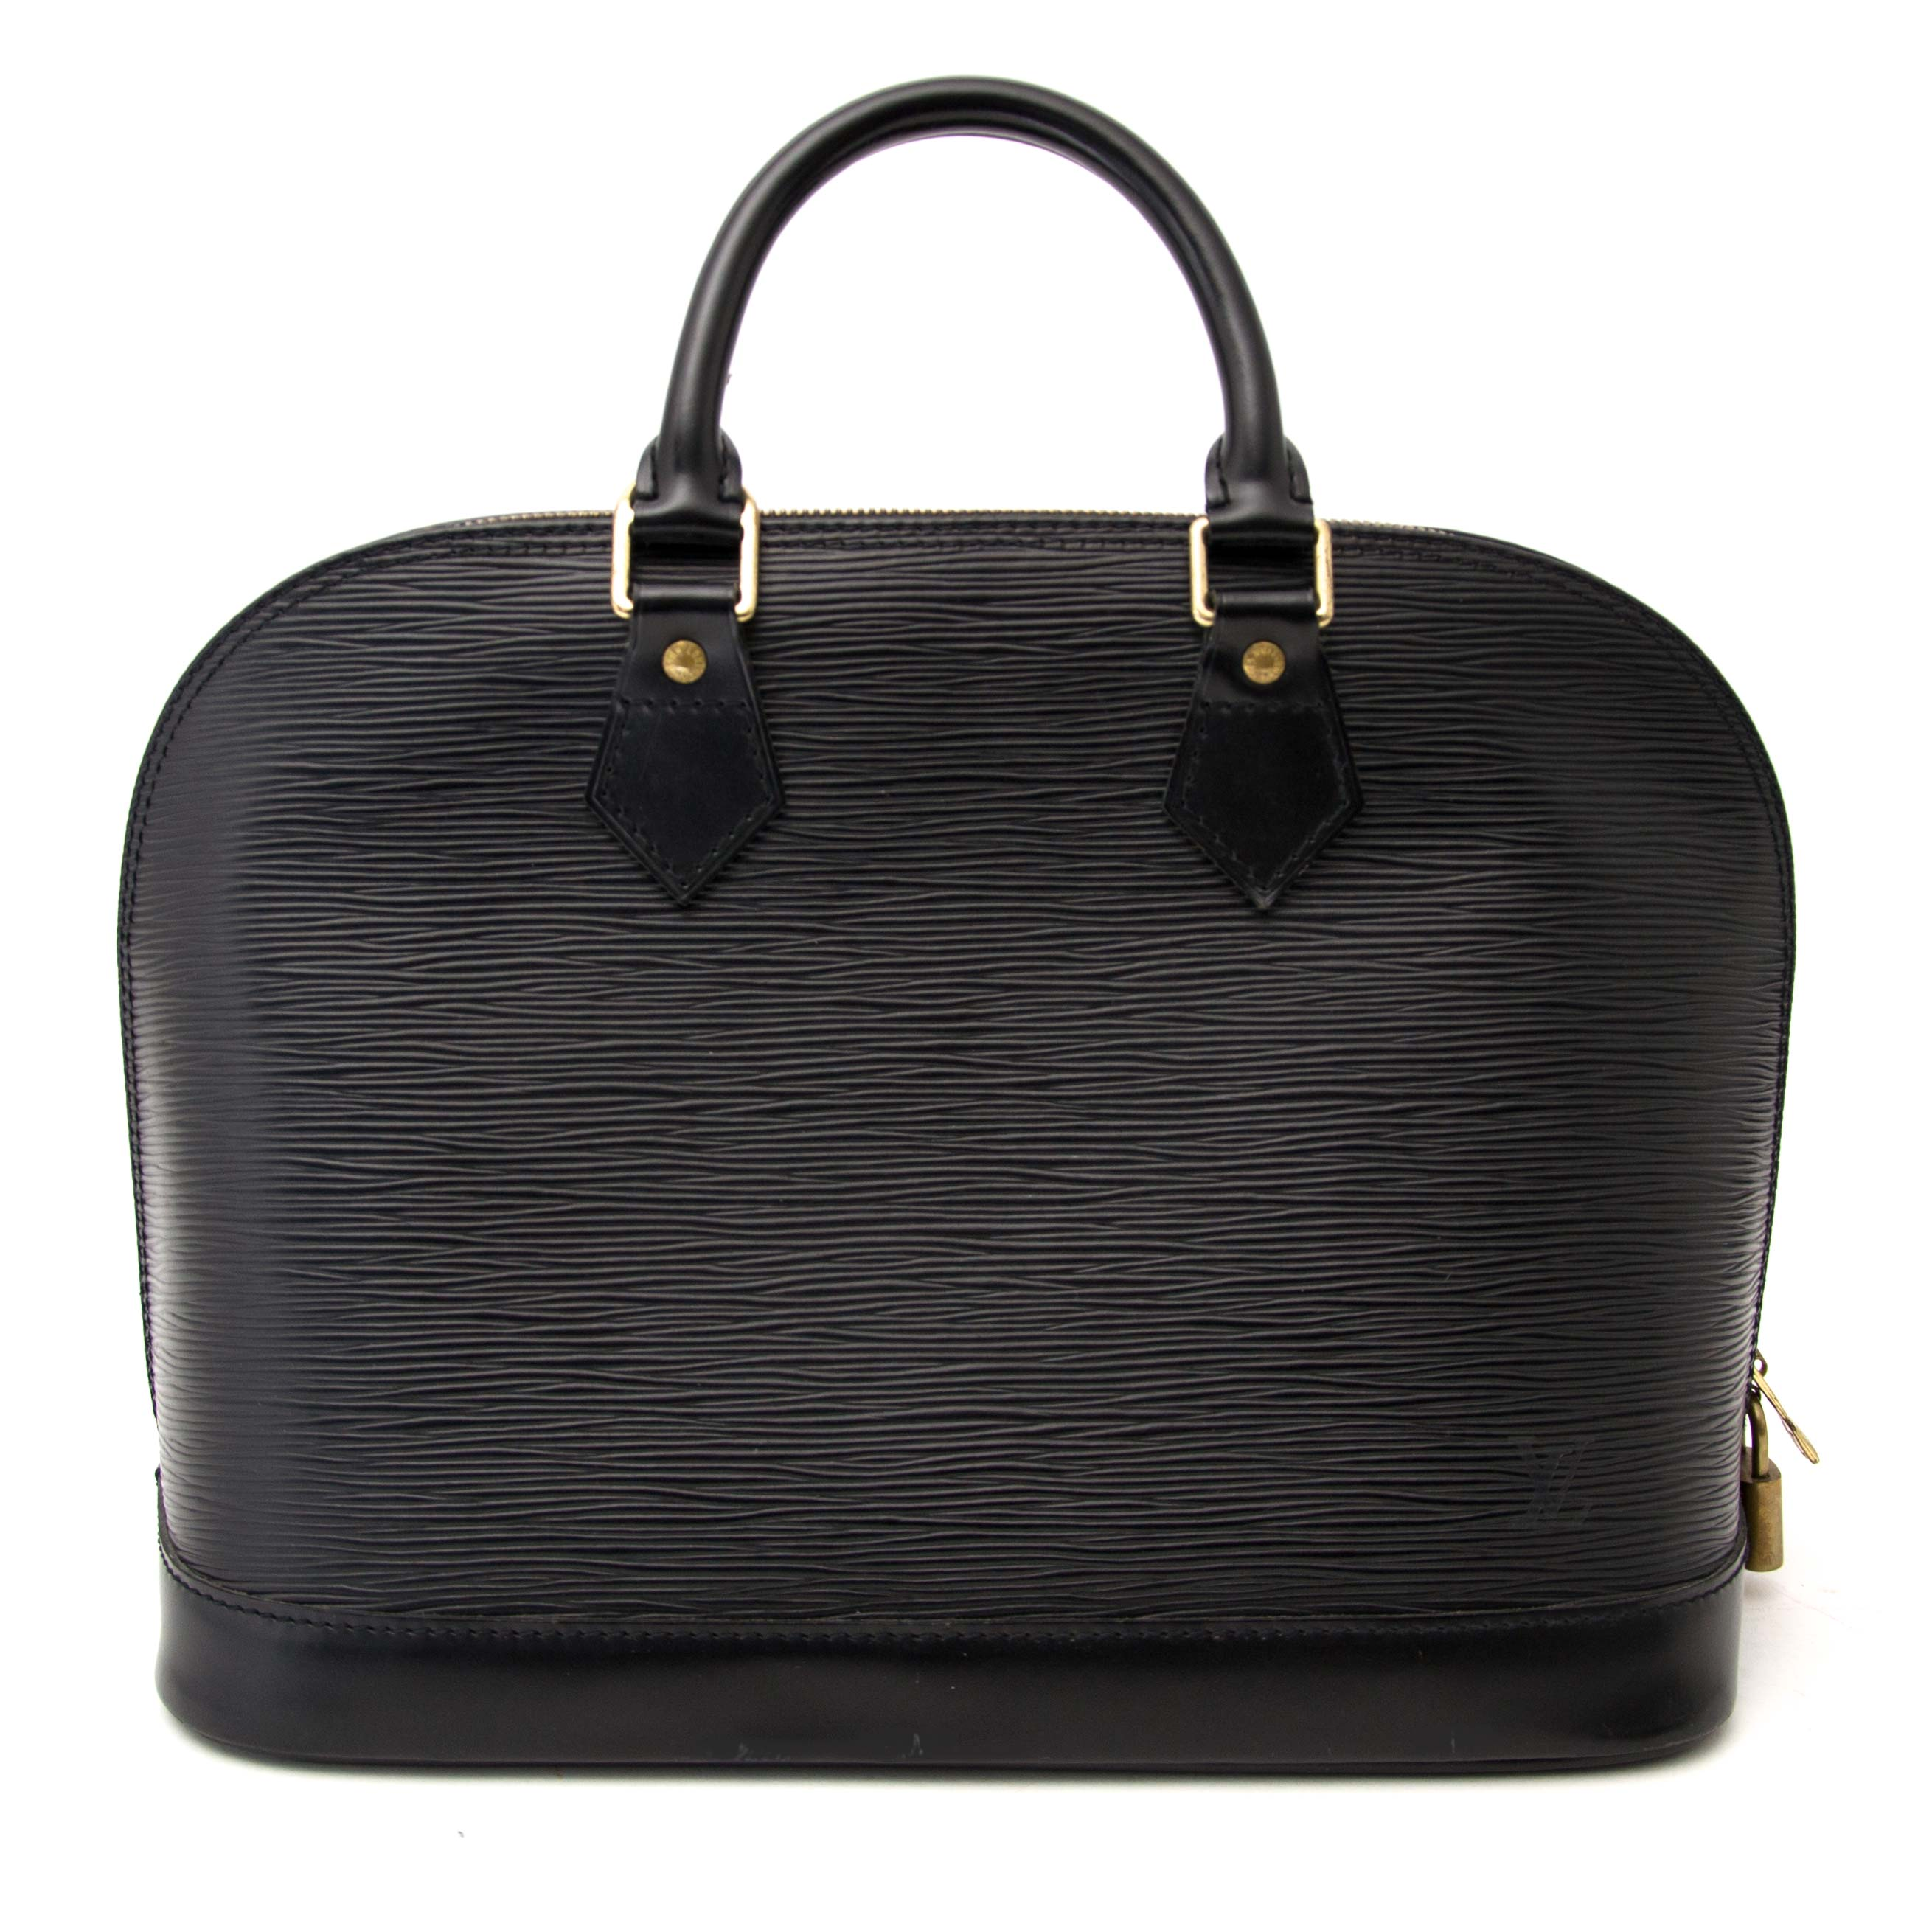 Acheter secur en ligne votre Louis Vuitton Epi Black Alma PM pour le meilleur prix chez Labellov à Anvers